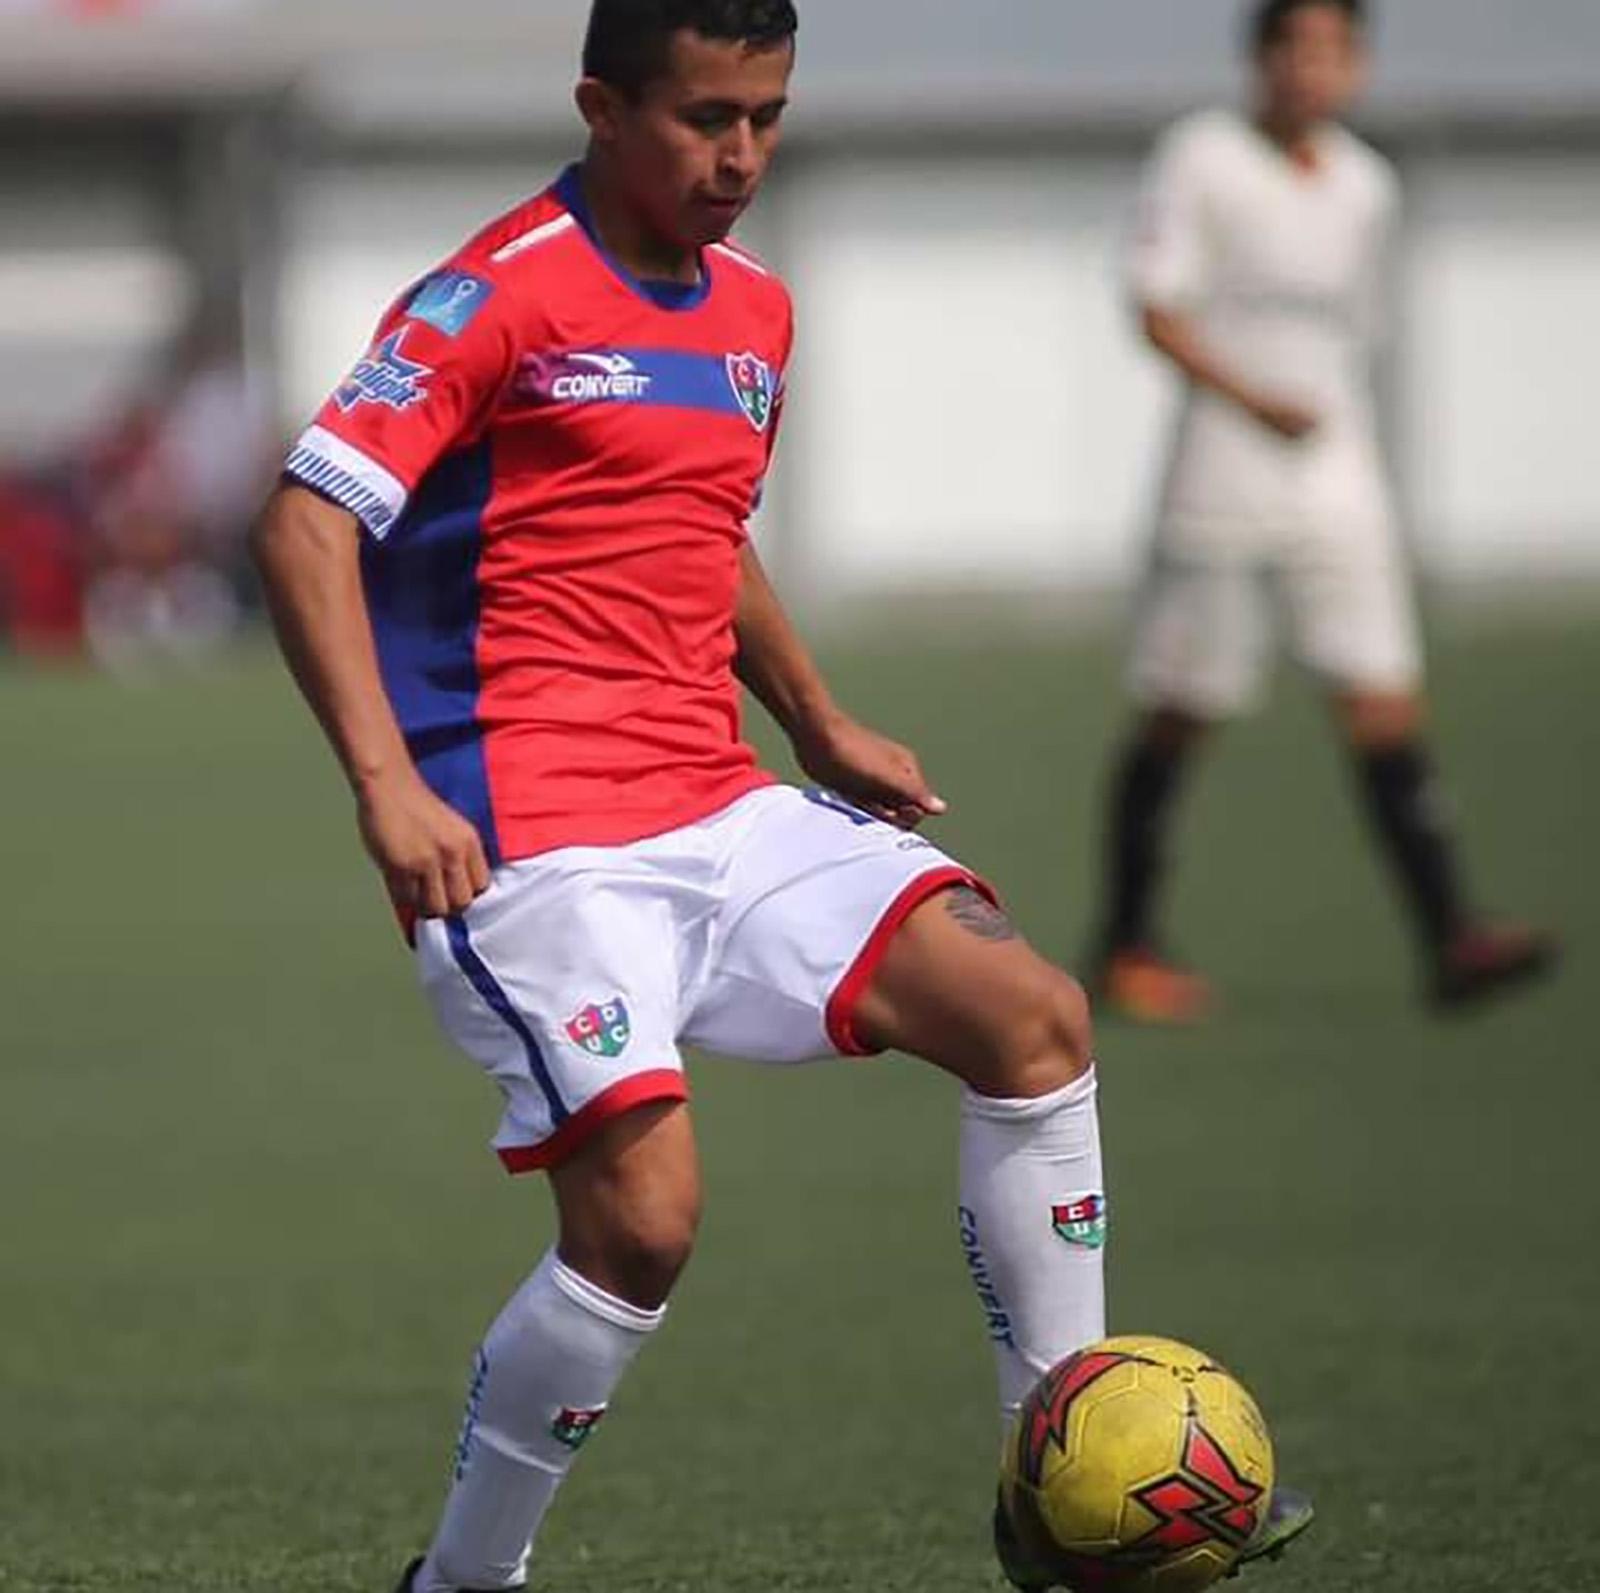 Osama Vinladen Jimenez Lopez